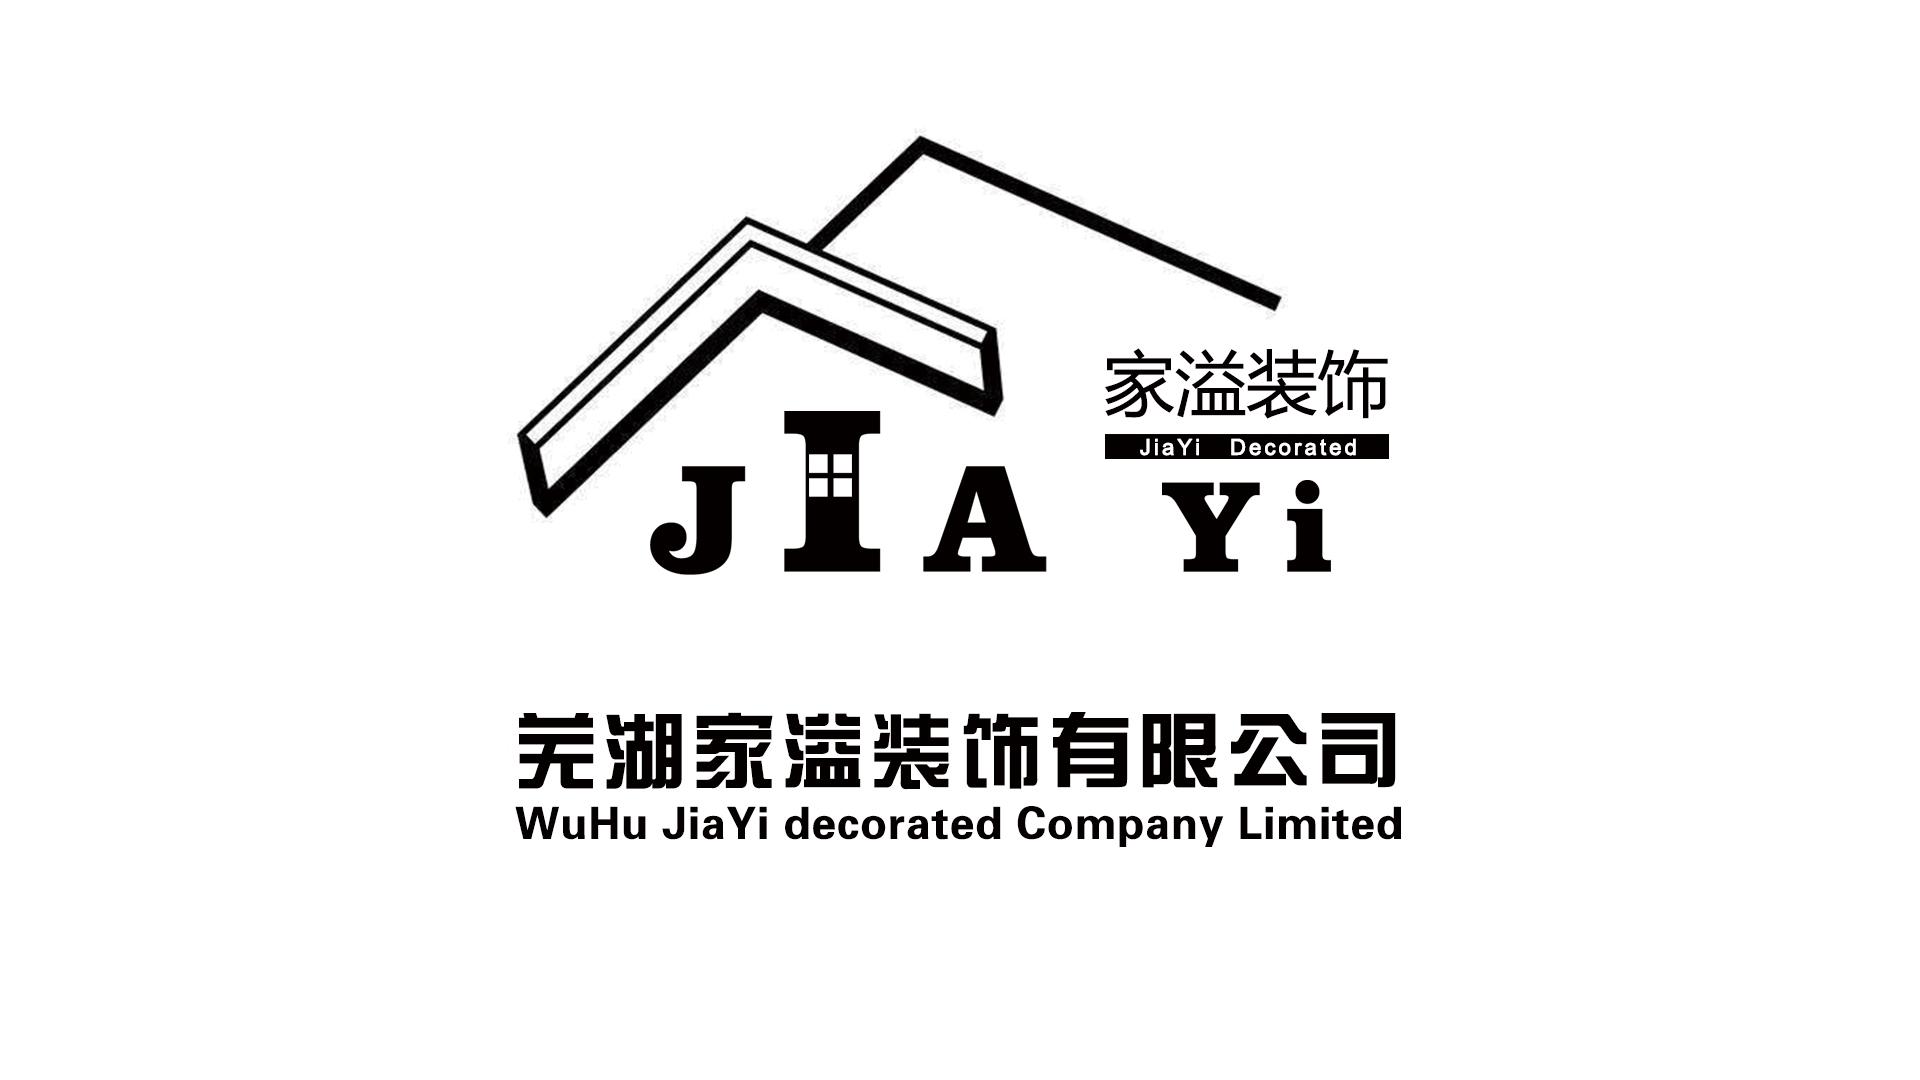 芜湖家溢装饰有限公司 - 芜湖装修公司